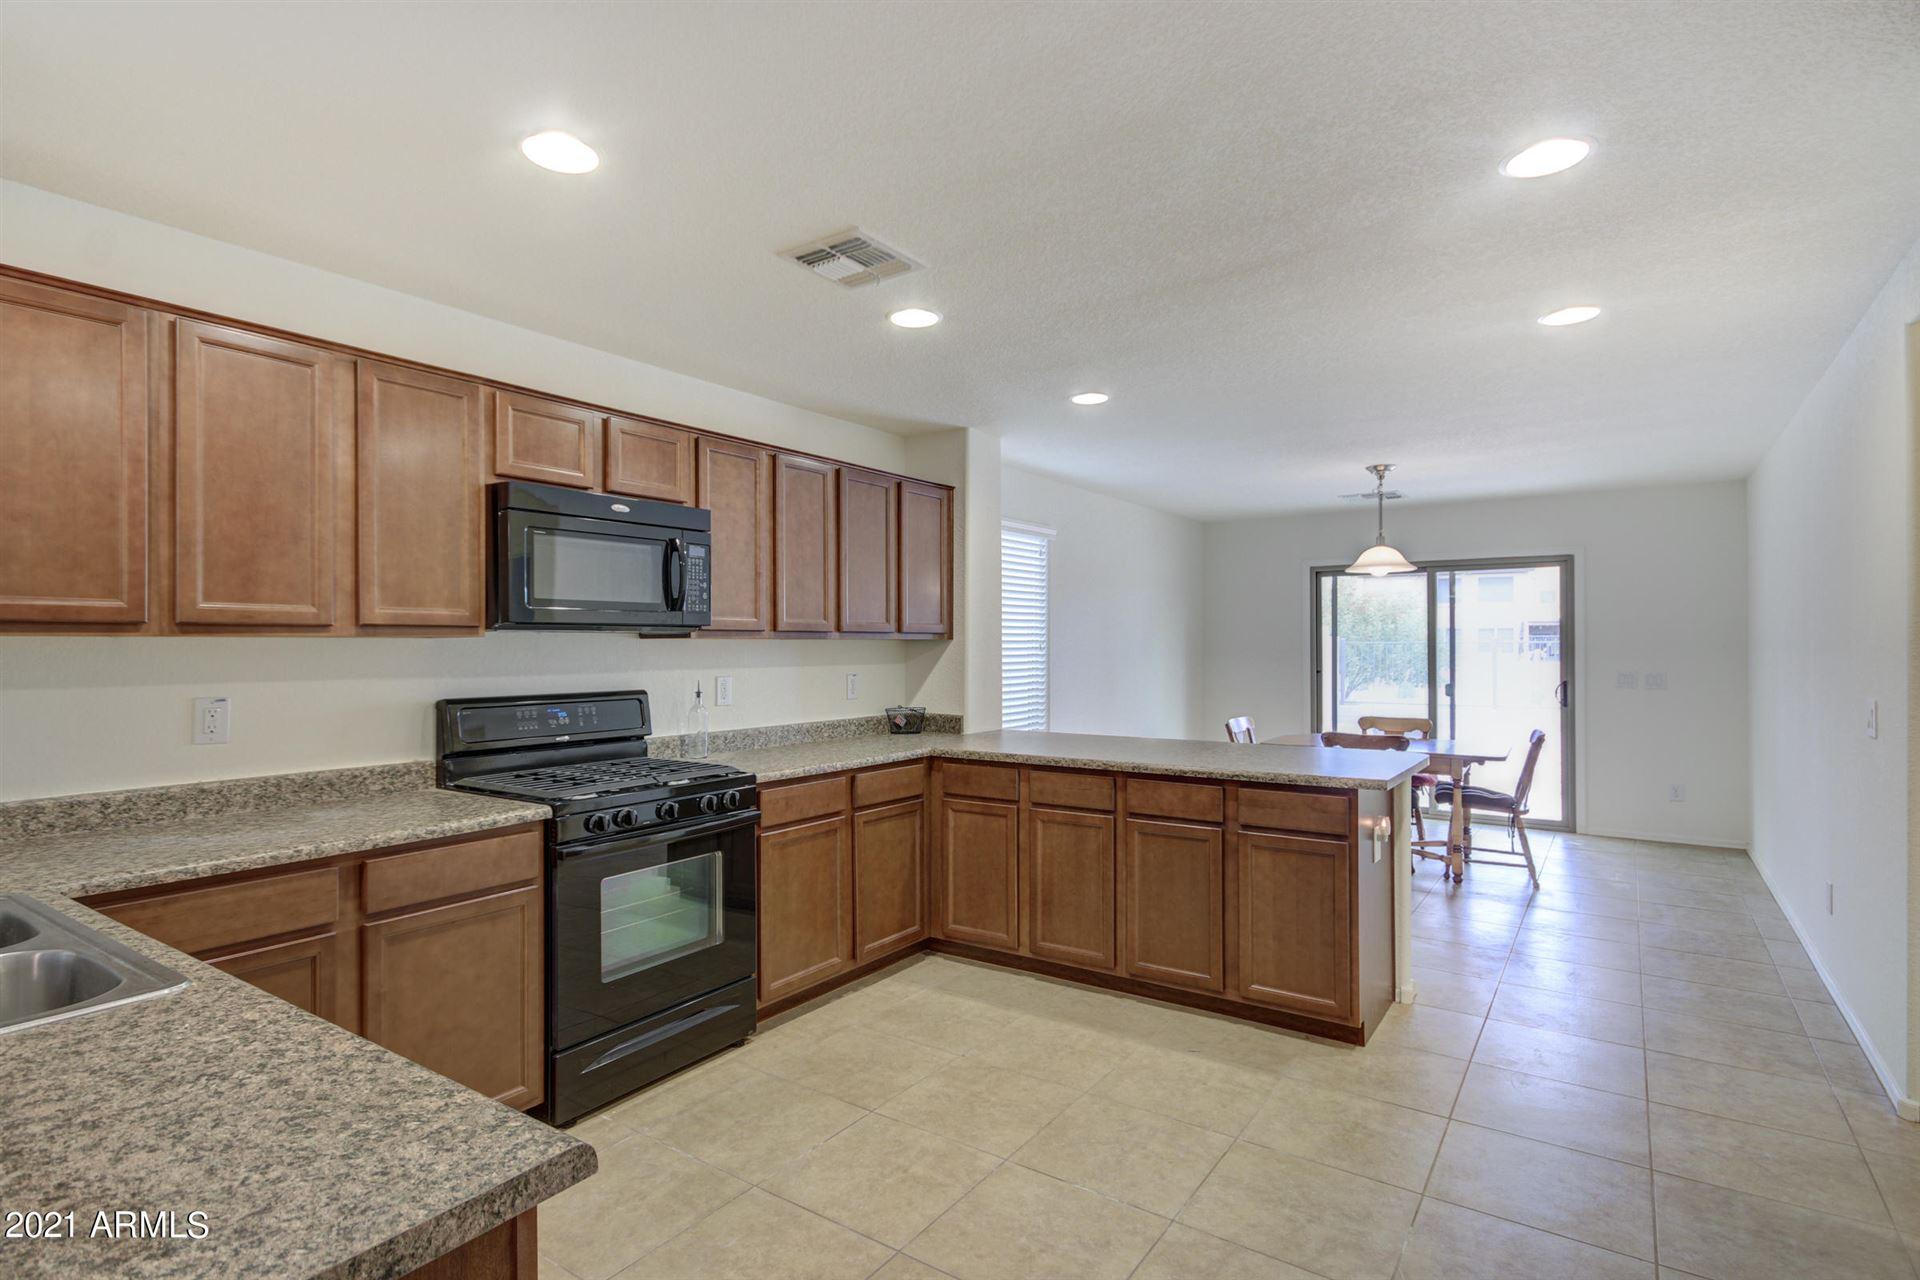 Photo of 1112 E DANIELLA Drive, San Tan Valley, AZ 85140 (MLS # 6248168)